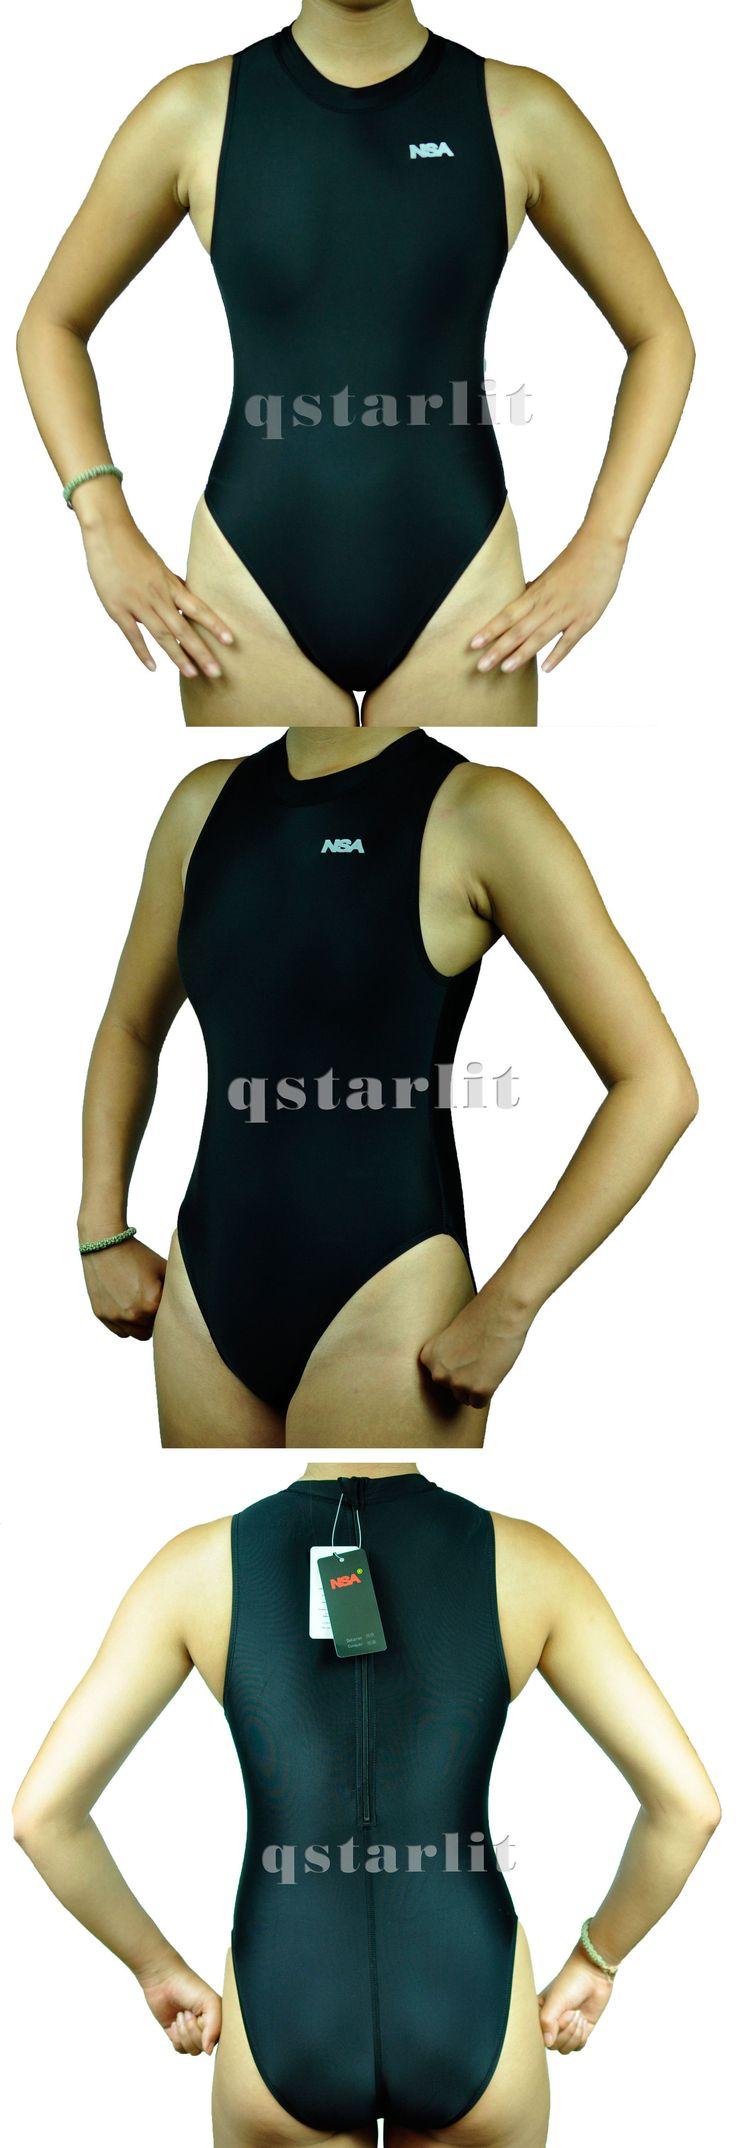 Women 140051: Girls Women Female Endurance Hi-Neck Zip-Up Hydrasuit Water Polo Swimwear Black BUY IT NOW ONLY: $37.39